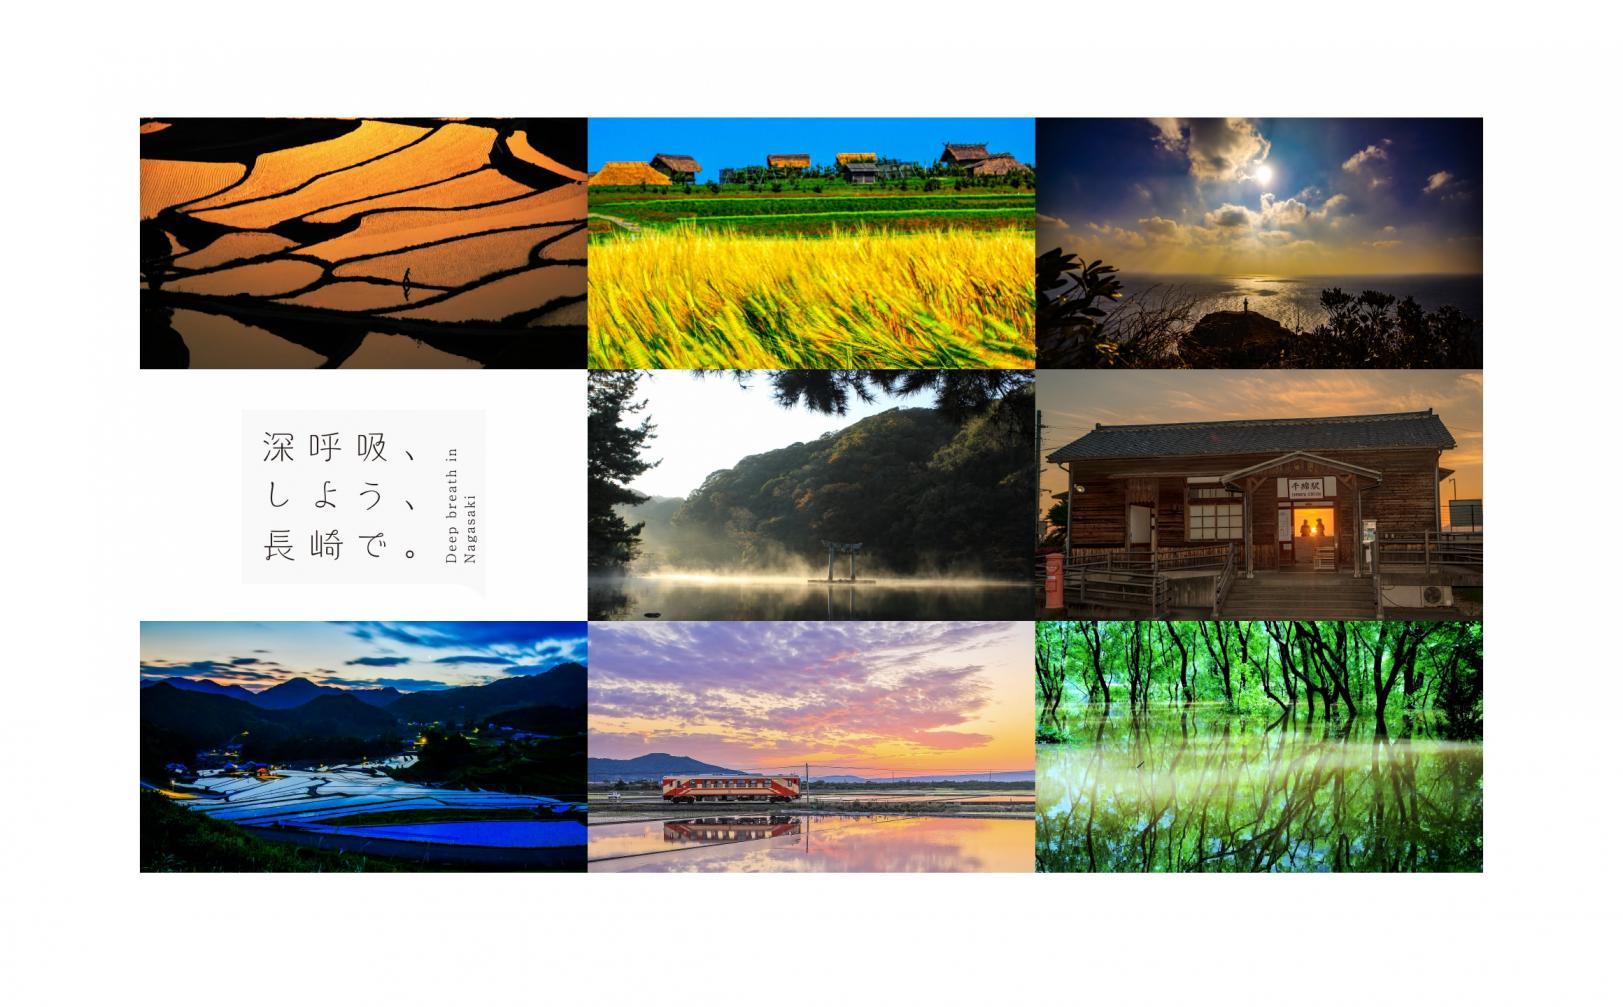 \無料で使える/長崎県のバーチャル背景をご利用ください。-1